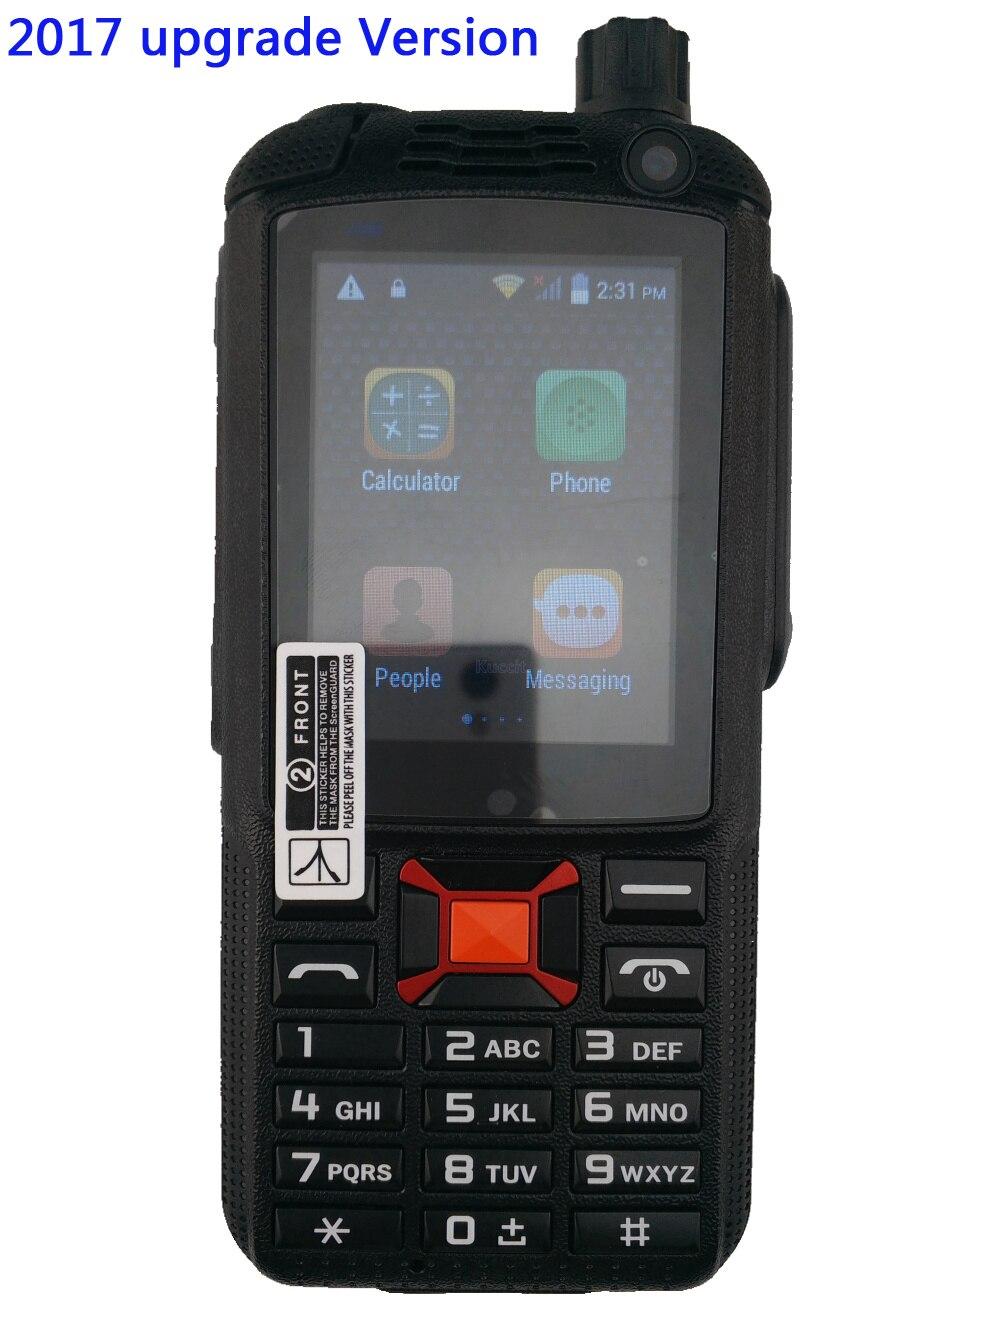 Цена за 2017 Обновление F22 Плюс 3 Г Android Сети интерком Walkie Talkie прочный Телефон Zello PTT Двухстороннее Радио Усиливается Антенна Wi Fi GPS